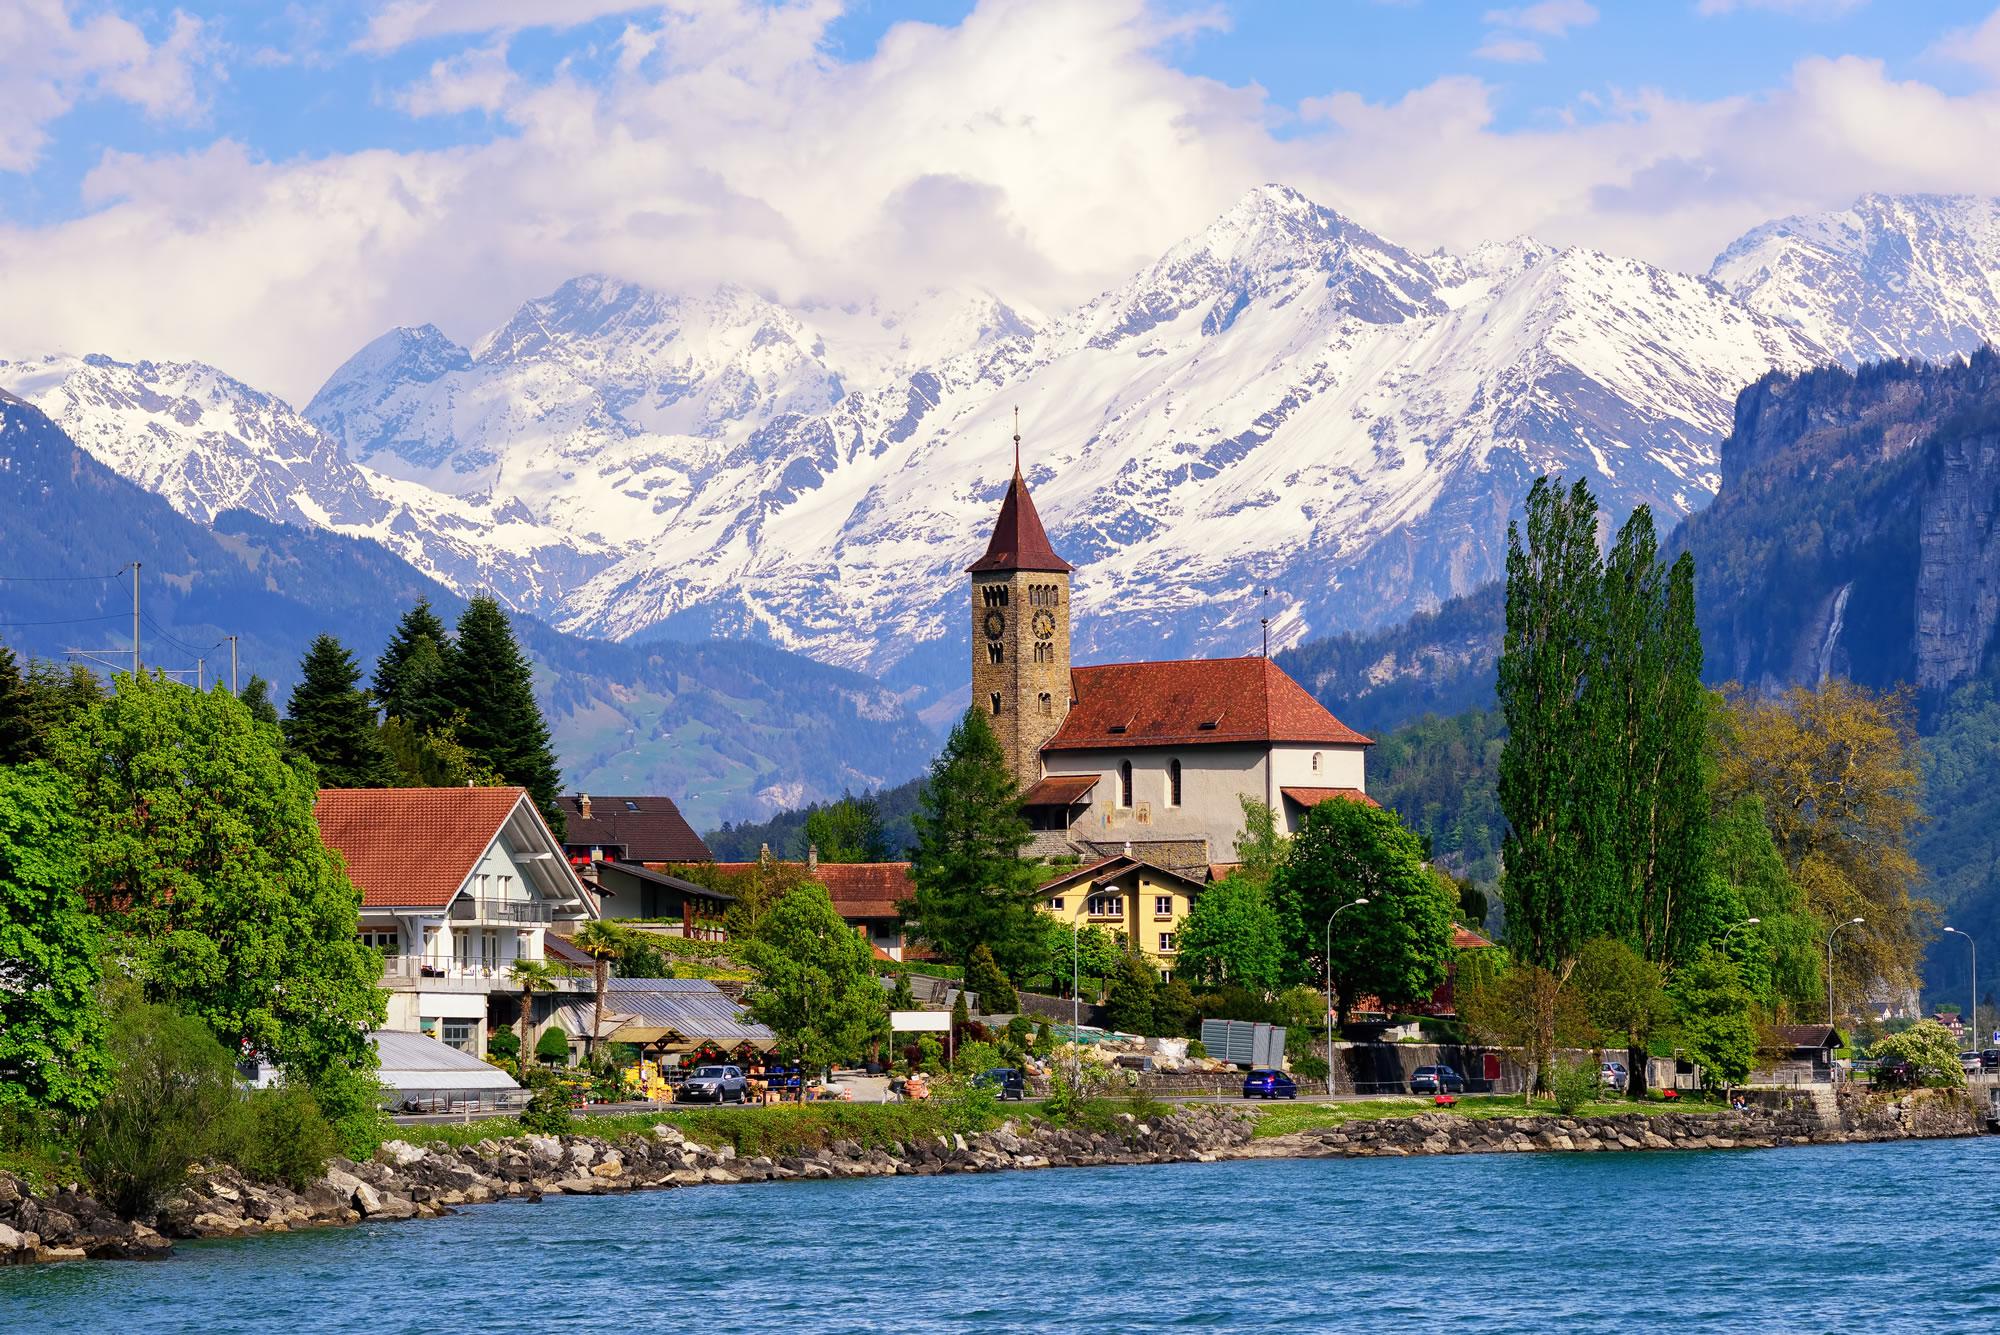 Brienz Town on Lake Brienz Switzerland